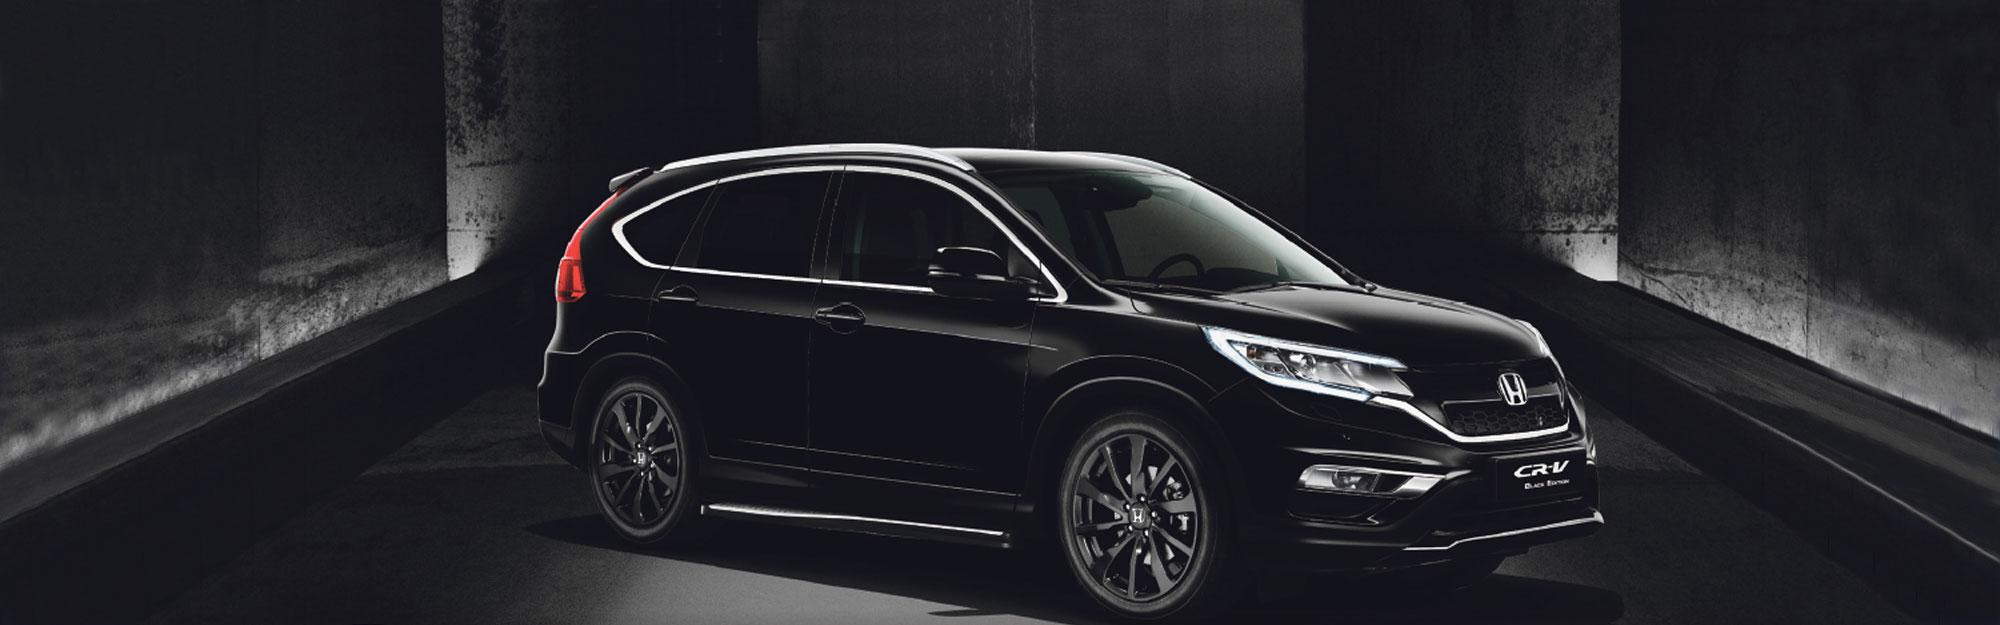 GARAGE-Vabis-Honda-CRV-2000x625